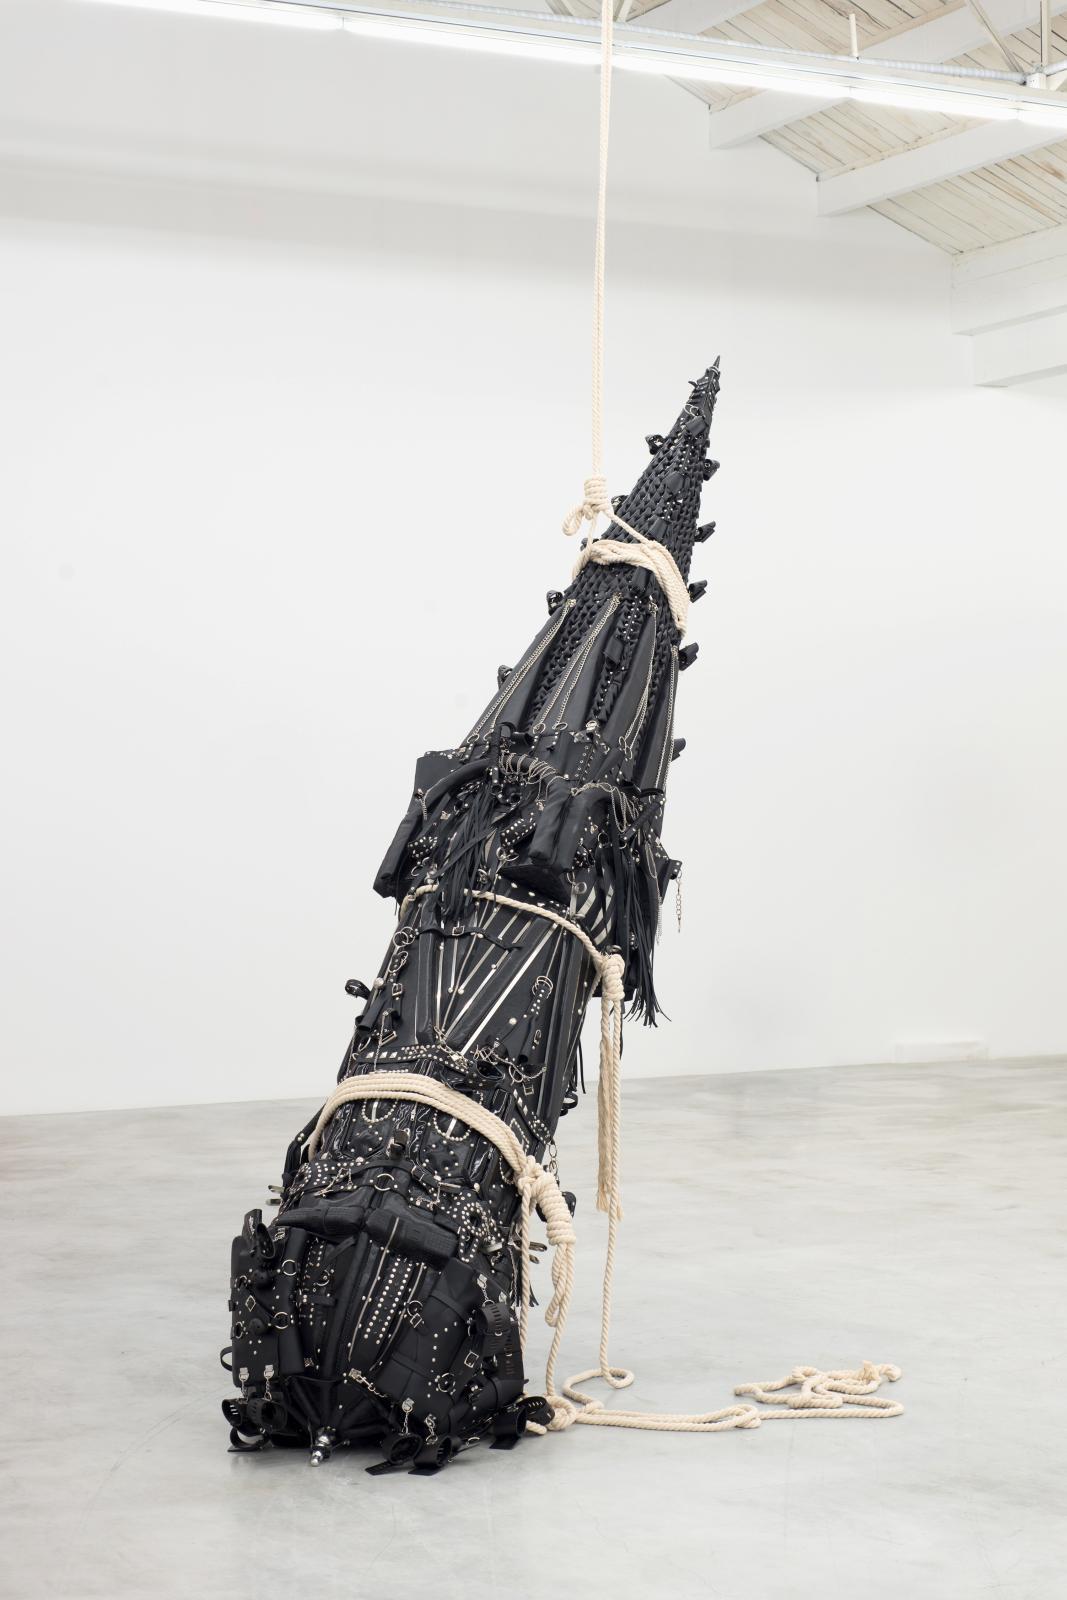 Xu Zheng (né en 1977), Missile of Love, 2013, installation, collection Lin Han. ©Collection Lin Han, Beijing